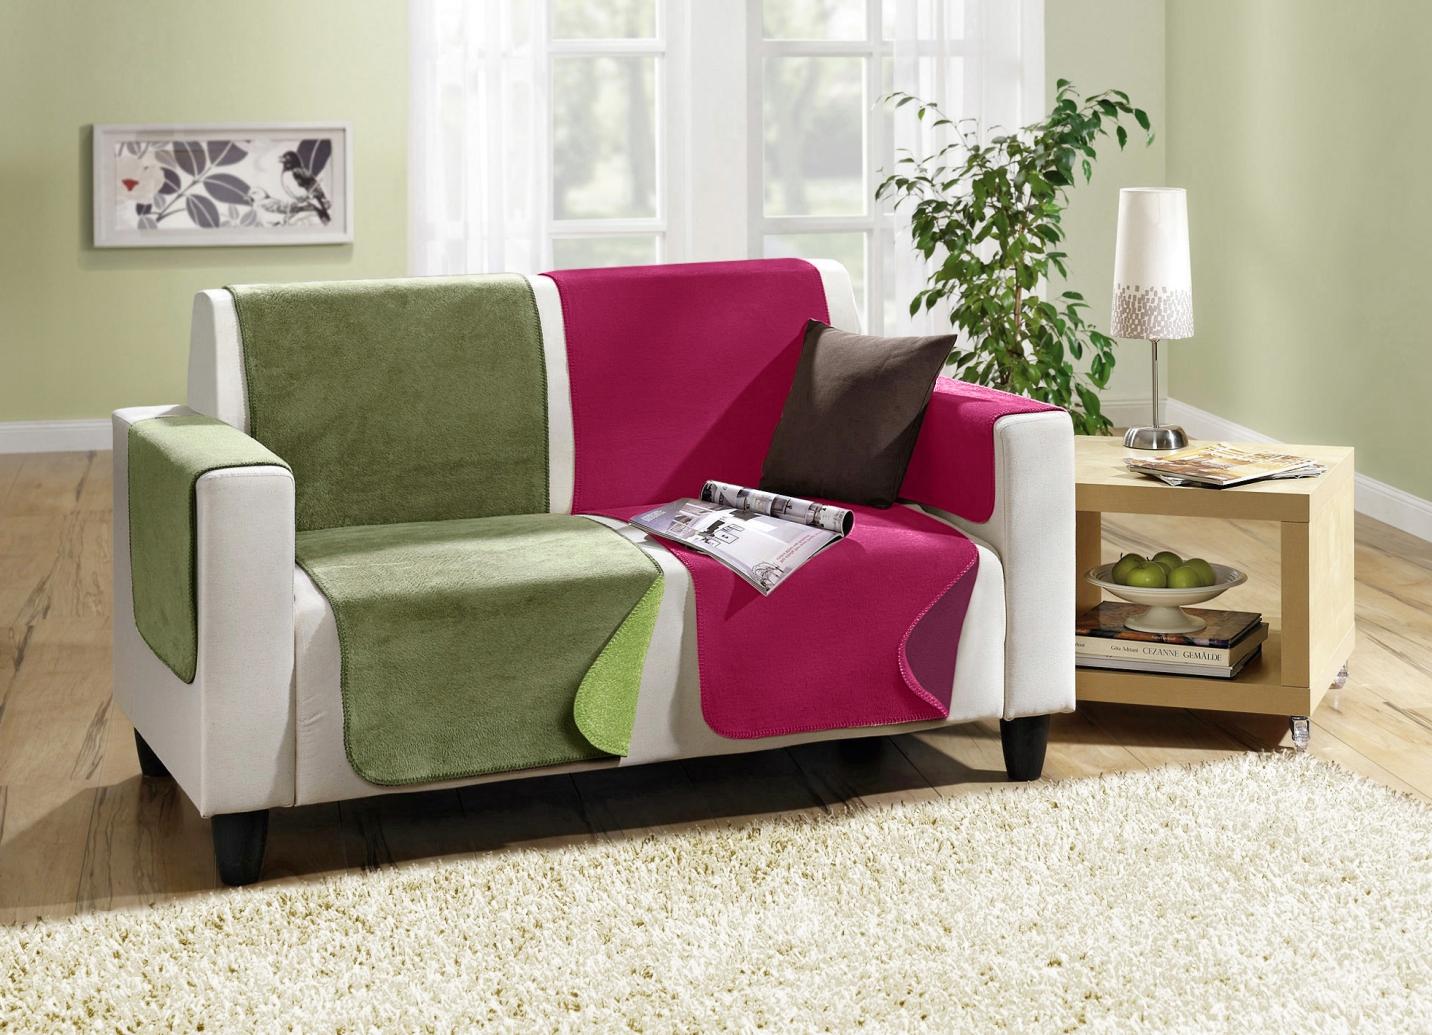 Wende Sessel Couch und Armlehnenschoner Sessel